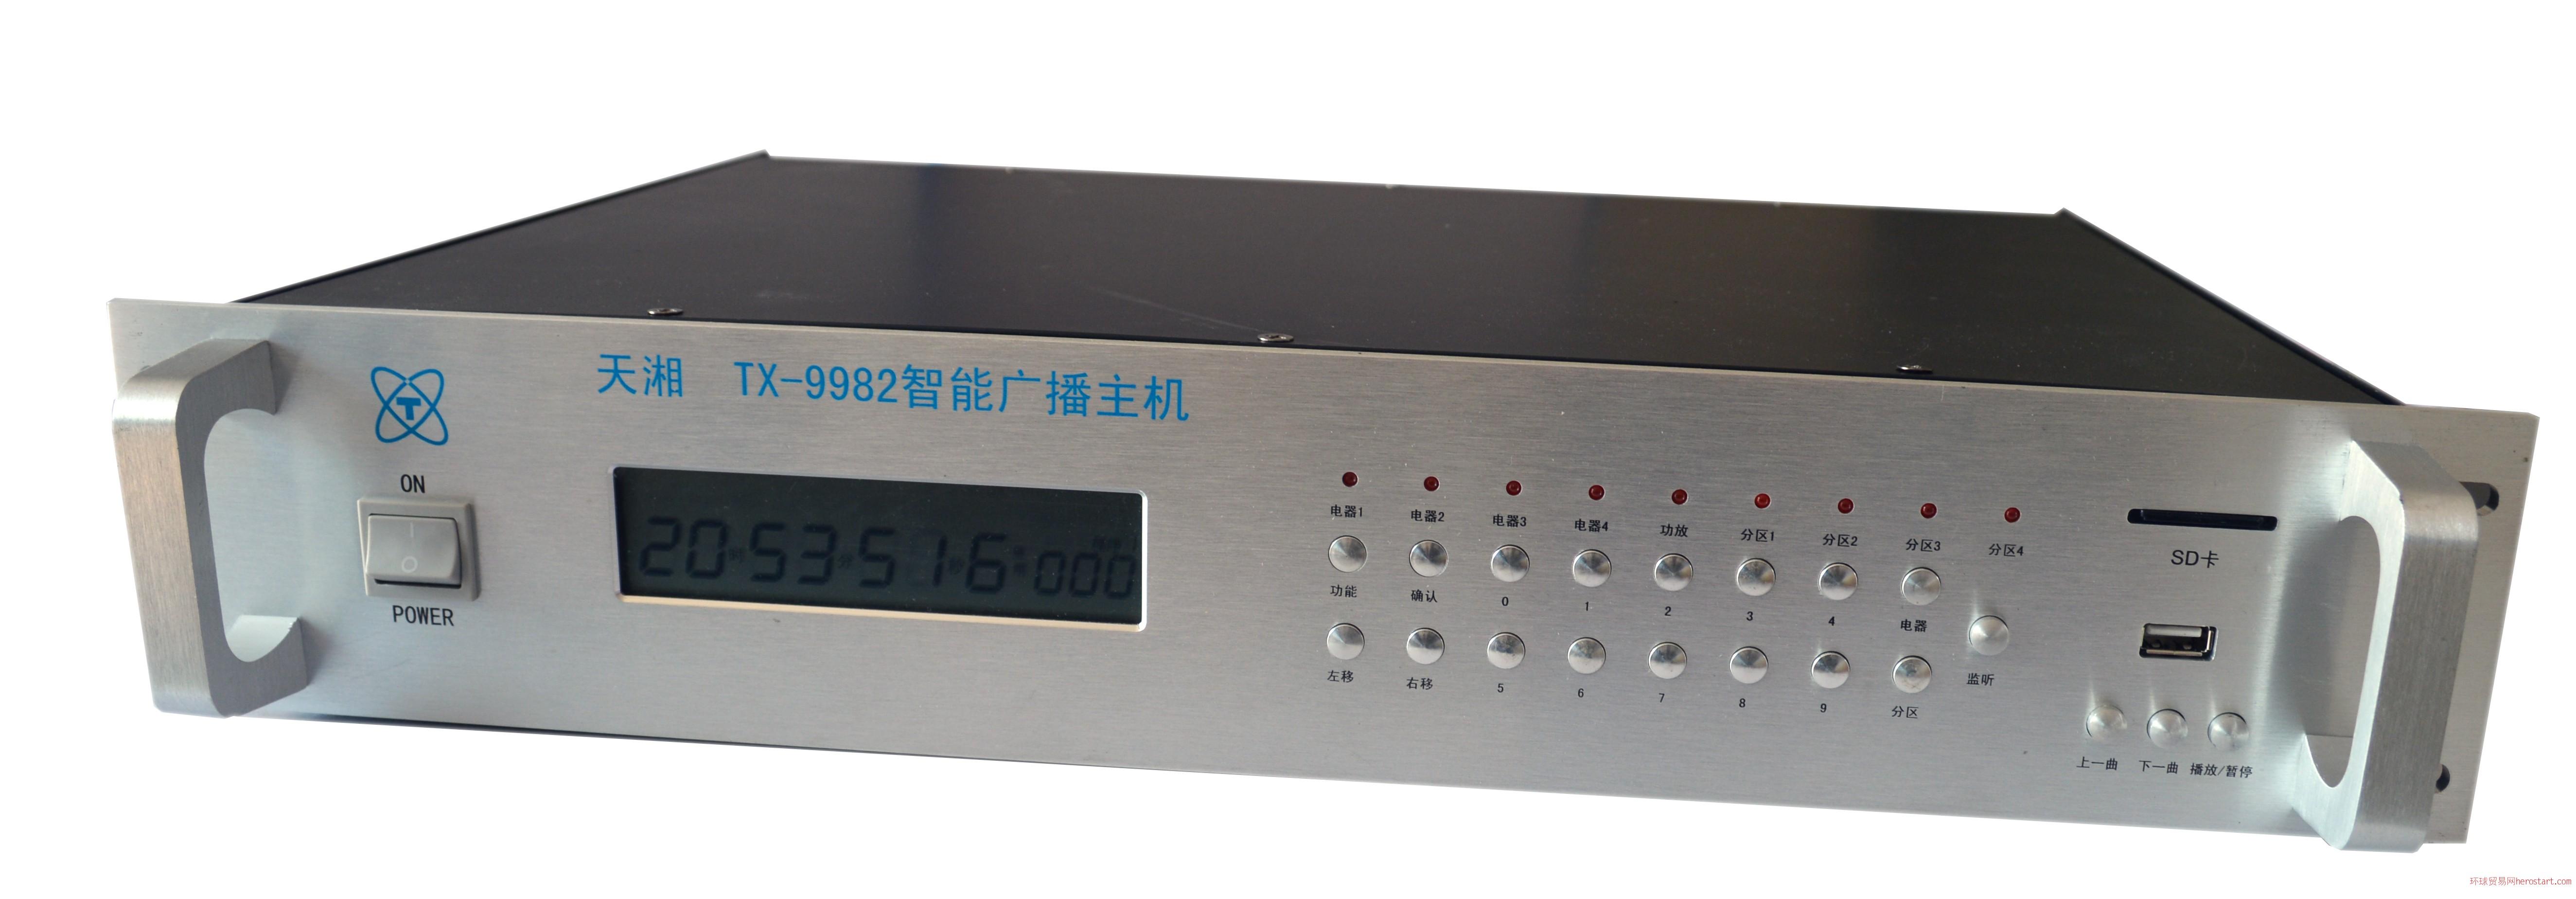 天湘TX9982智能广播主机